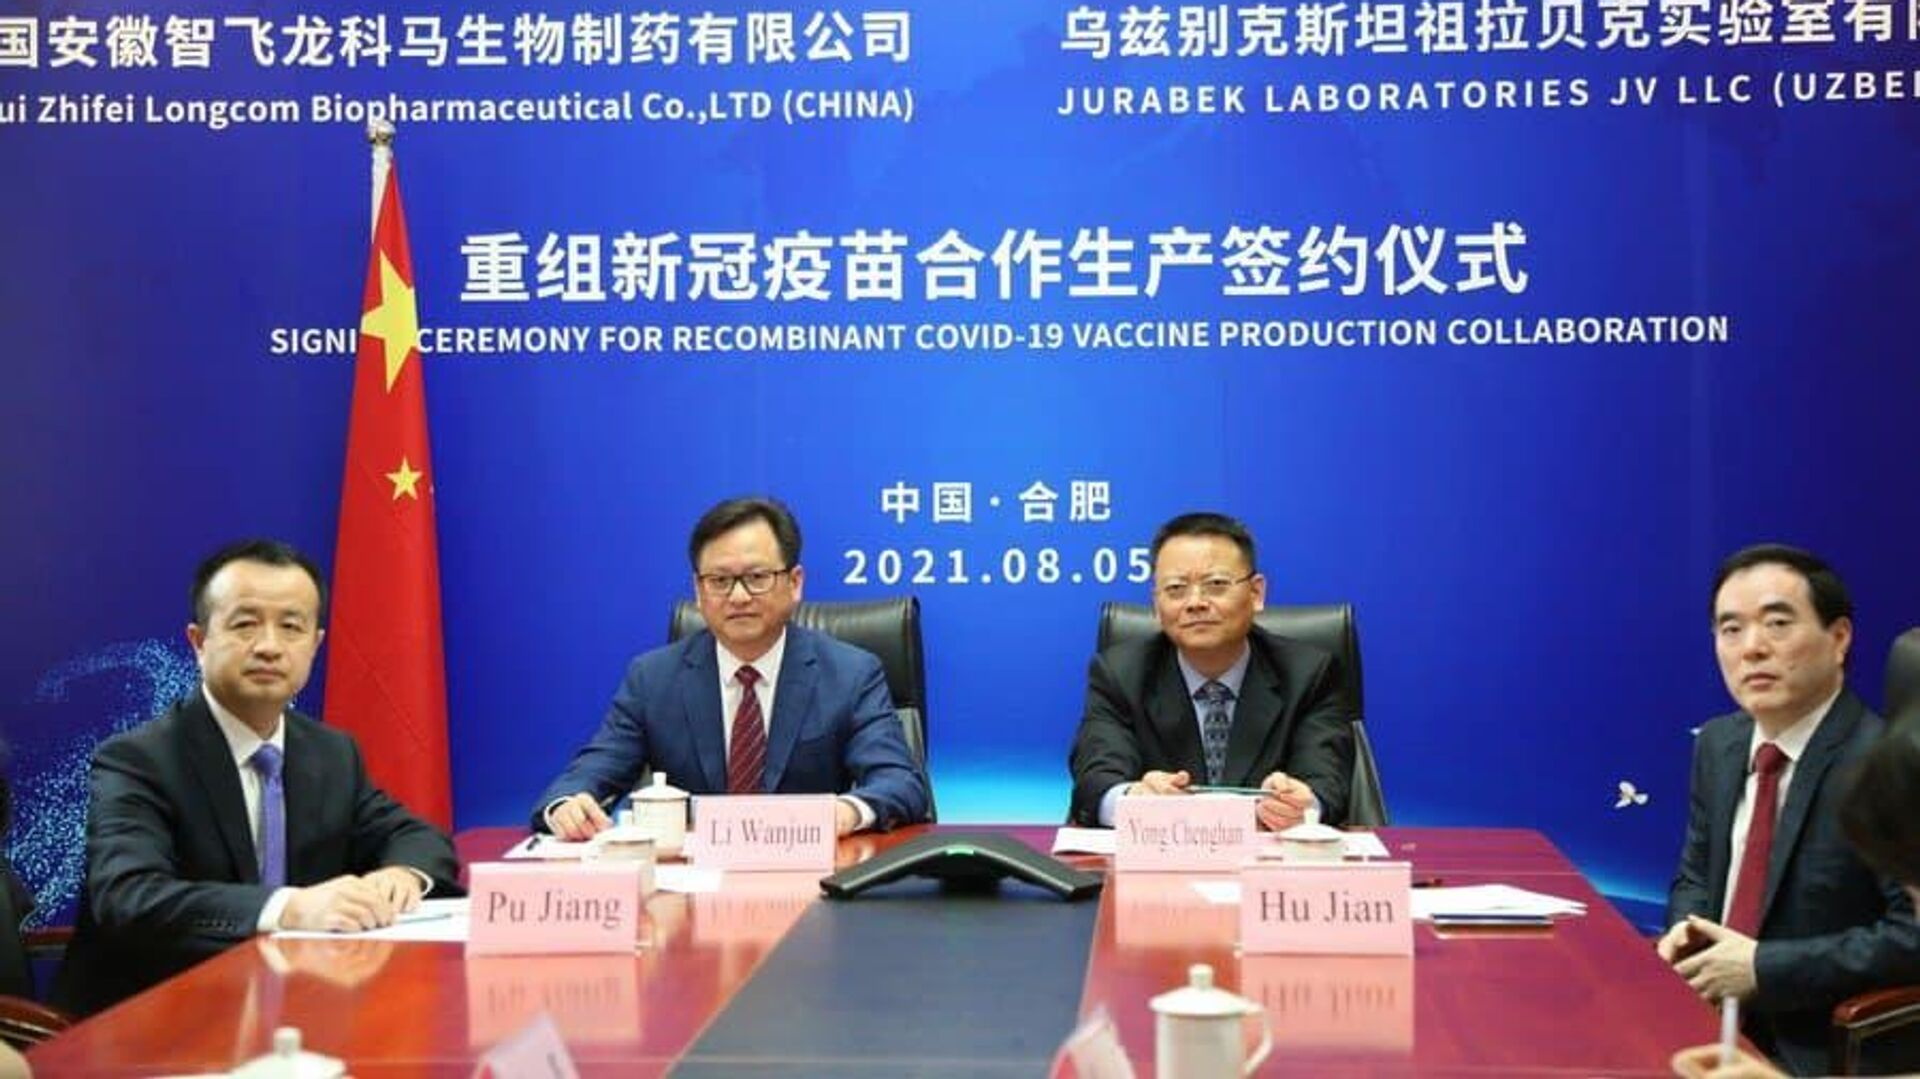 КНР и Узбекистан готовы запустить совместное производство вакцин от COVID - Sputnik Узбекистан, 1920, 12.08.2021